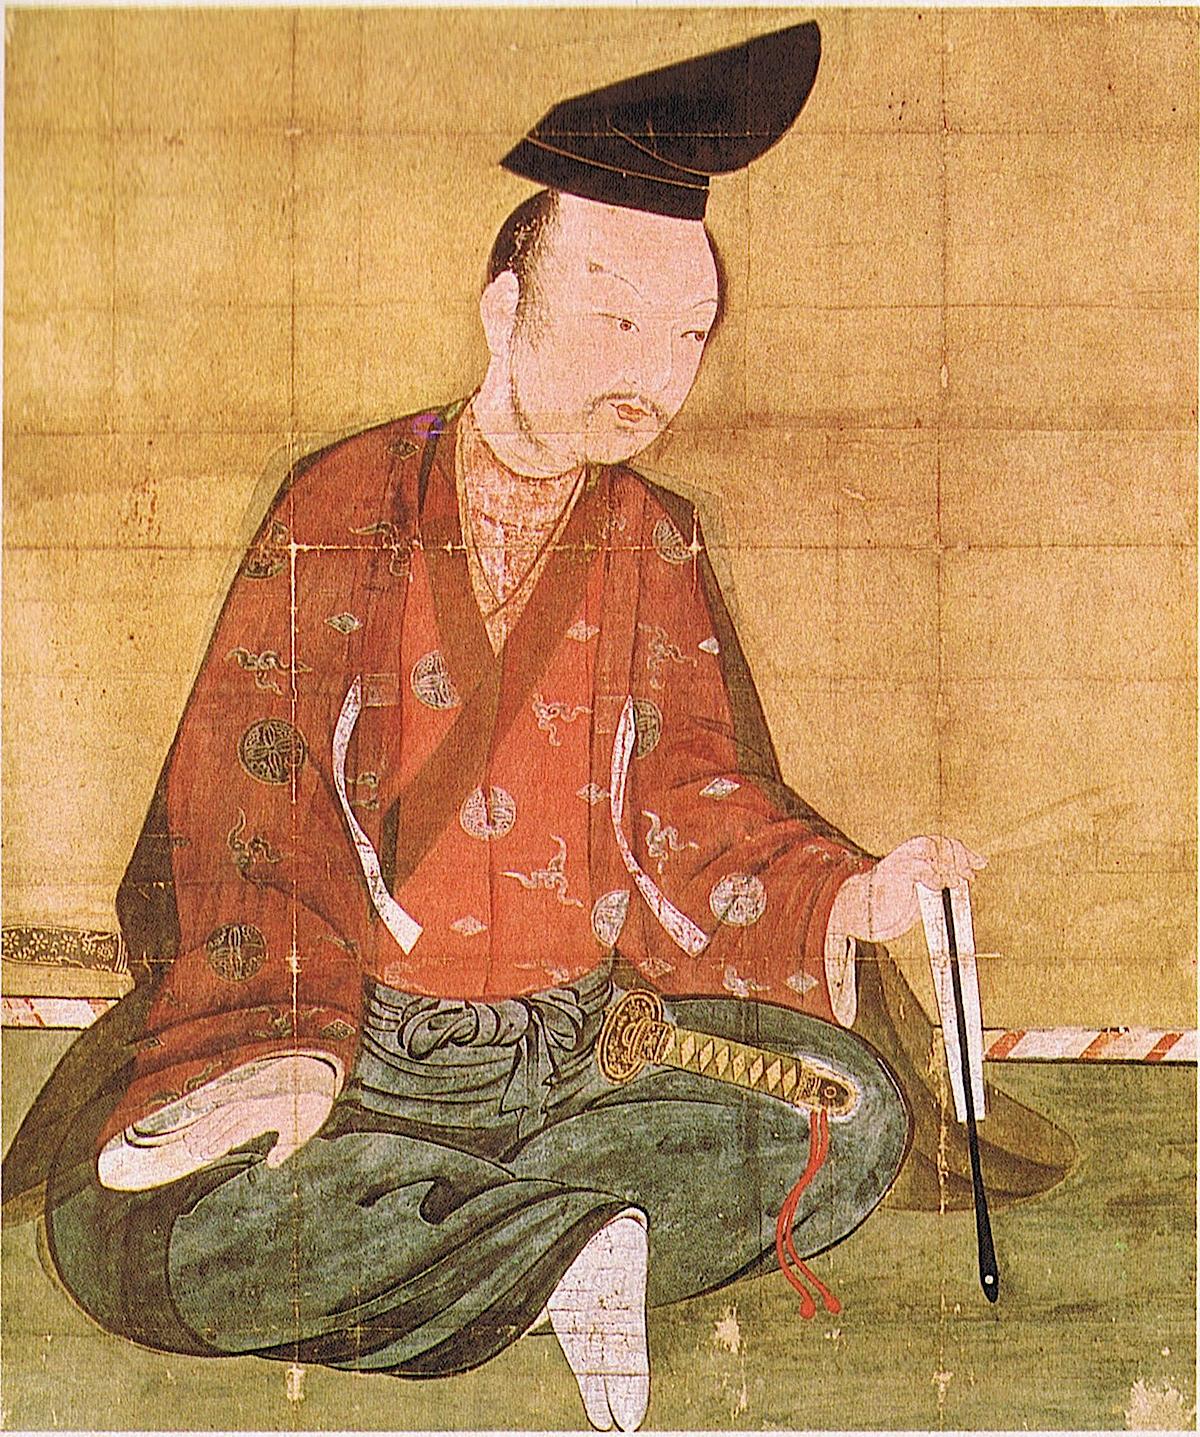 『義経記』で藤原泰衡に襲撃された場面が描かれた義経の画(中尊寺所蔵)